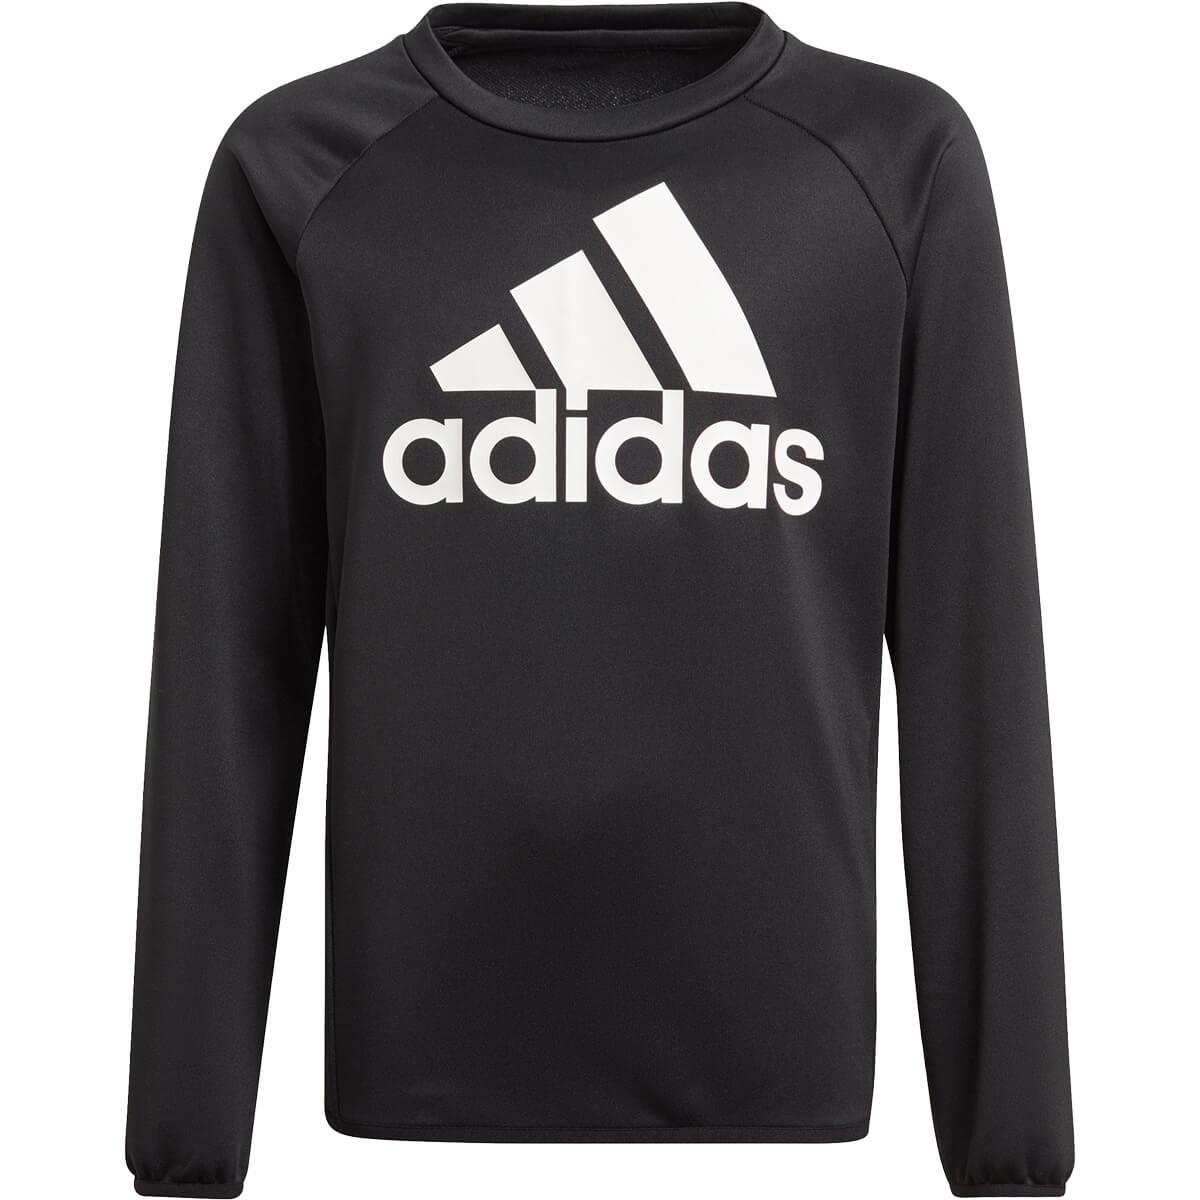 adidas Designed 2 Move Big Logo Træningstrøje Børn